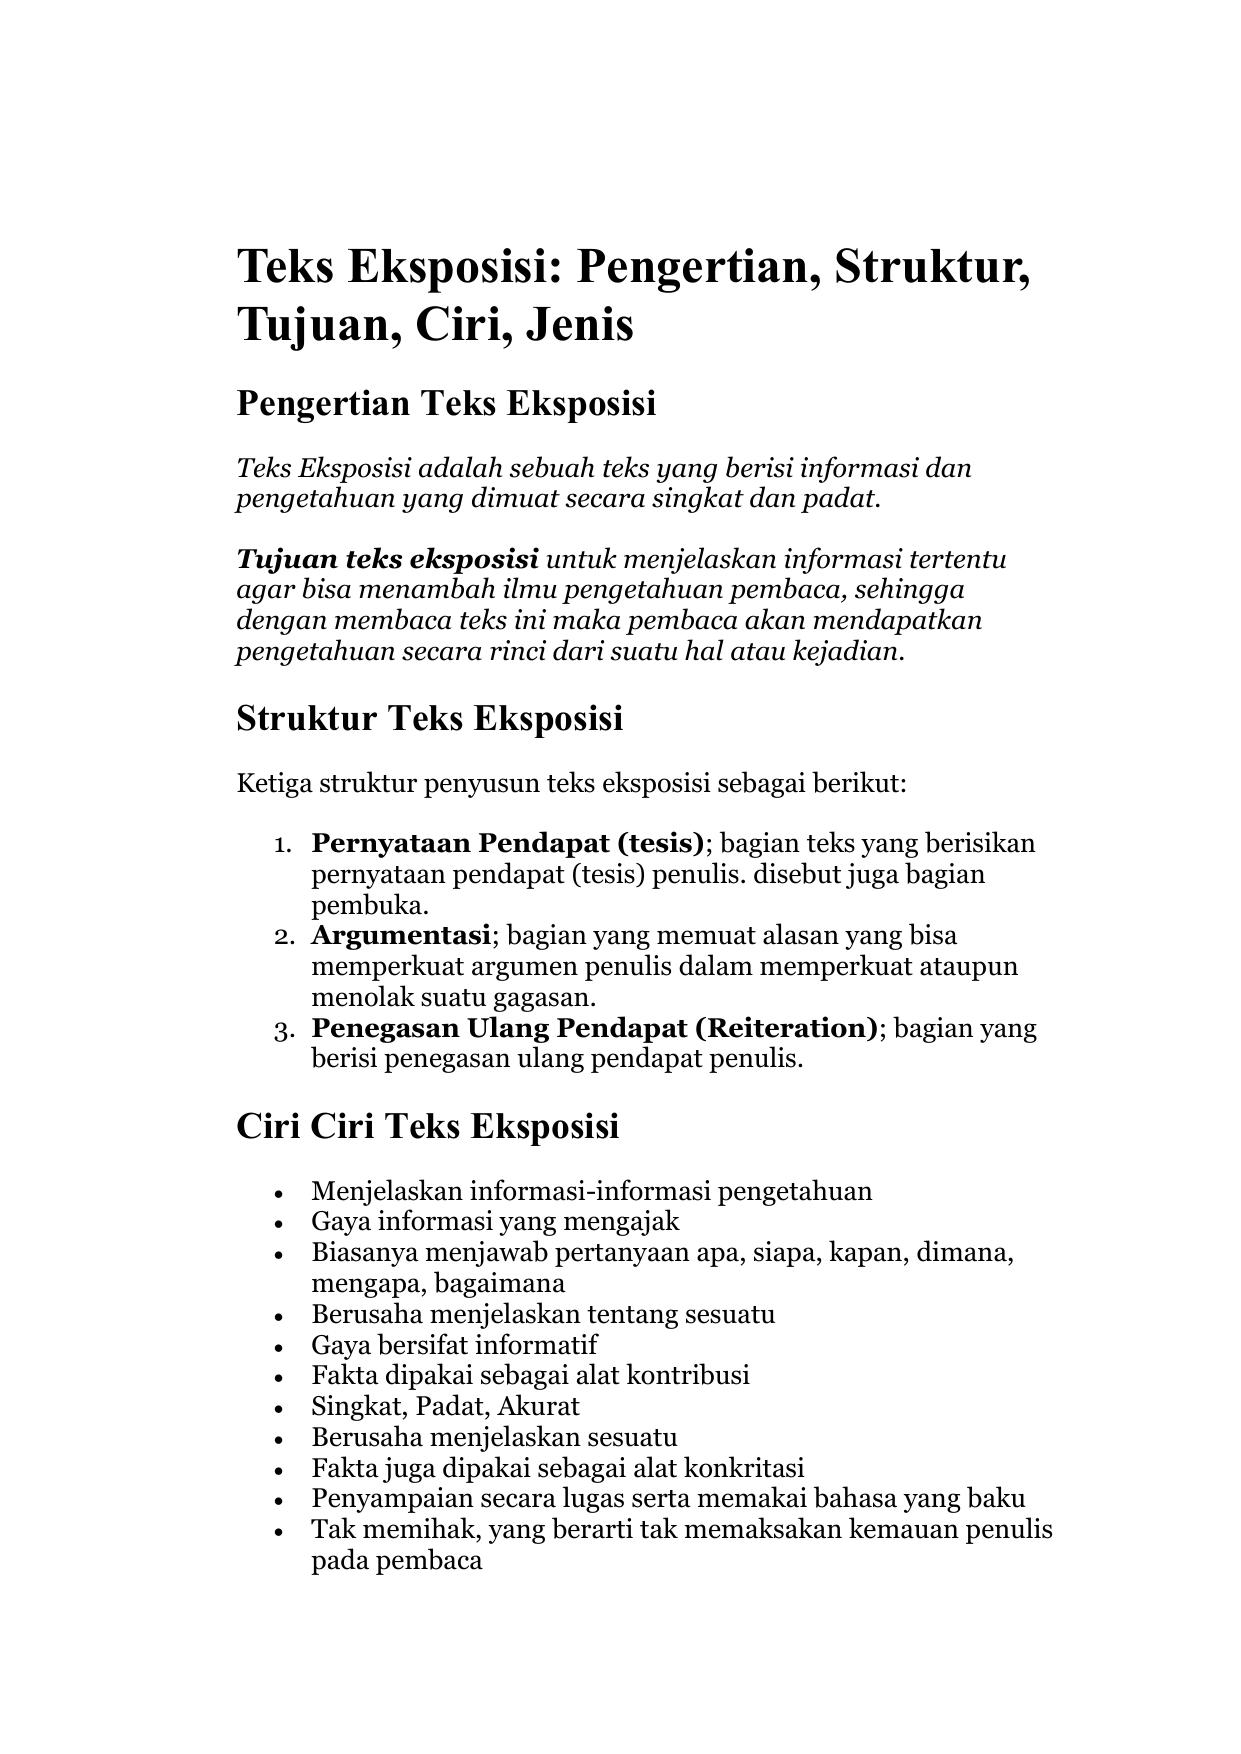 Struktur Teks Argumentasi : struktur, argumentasi, Eksposisi